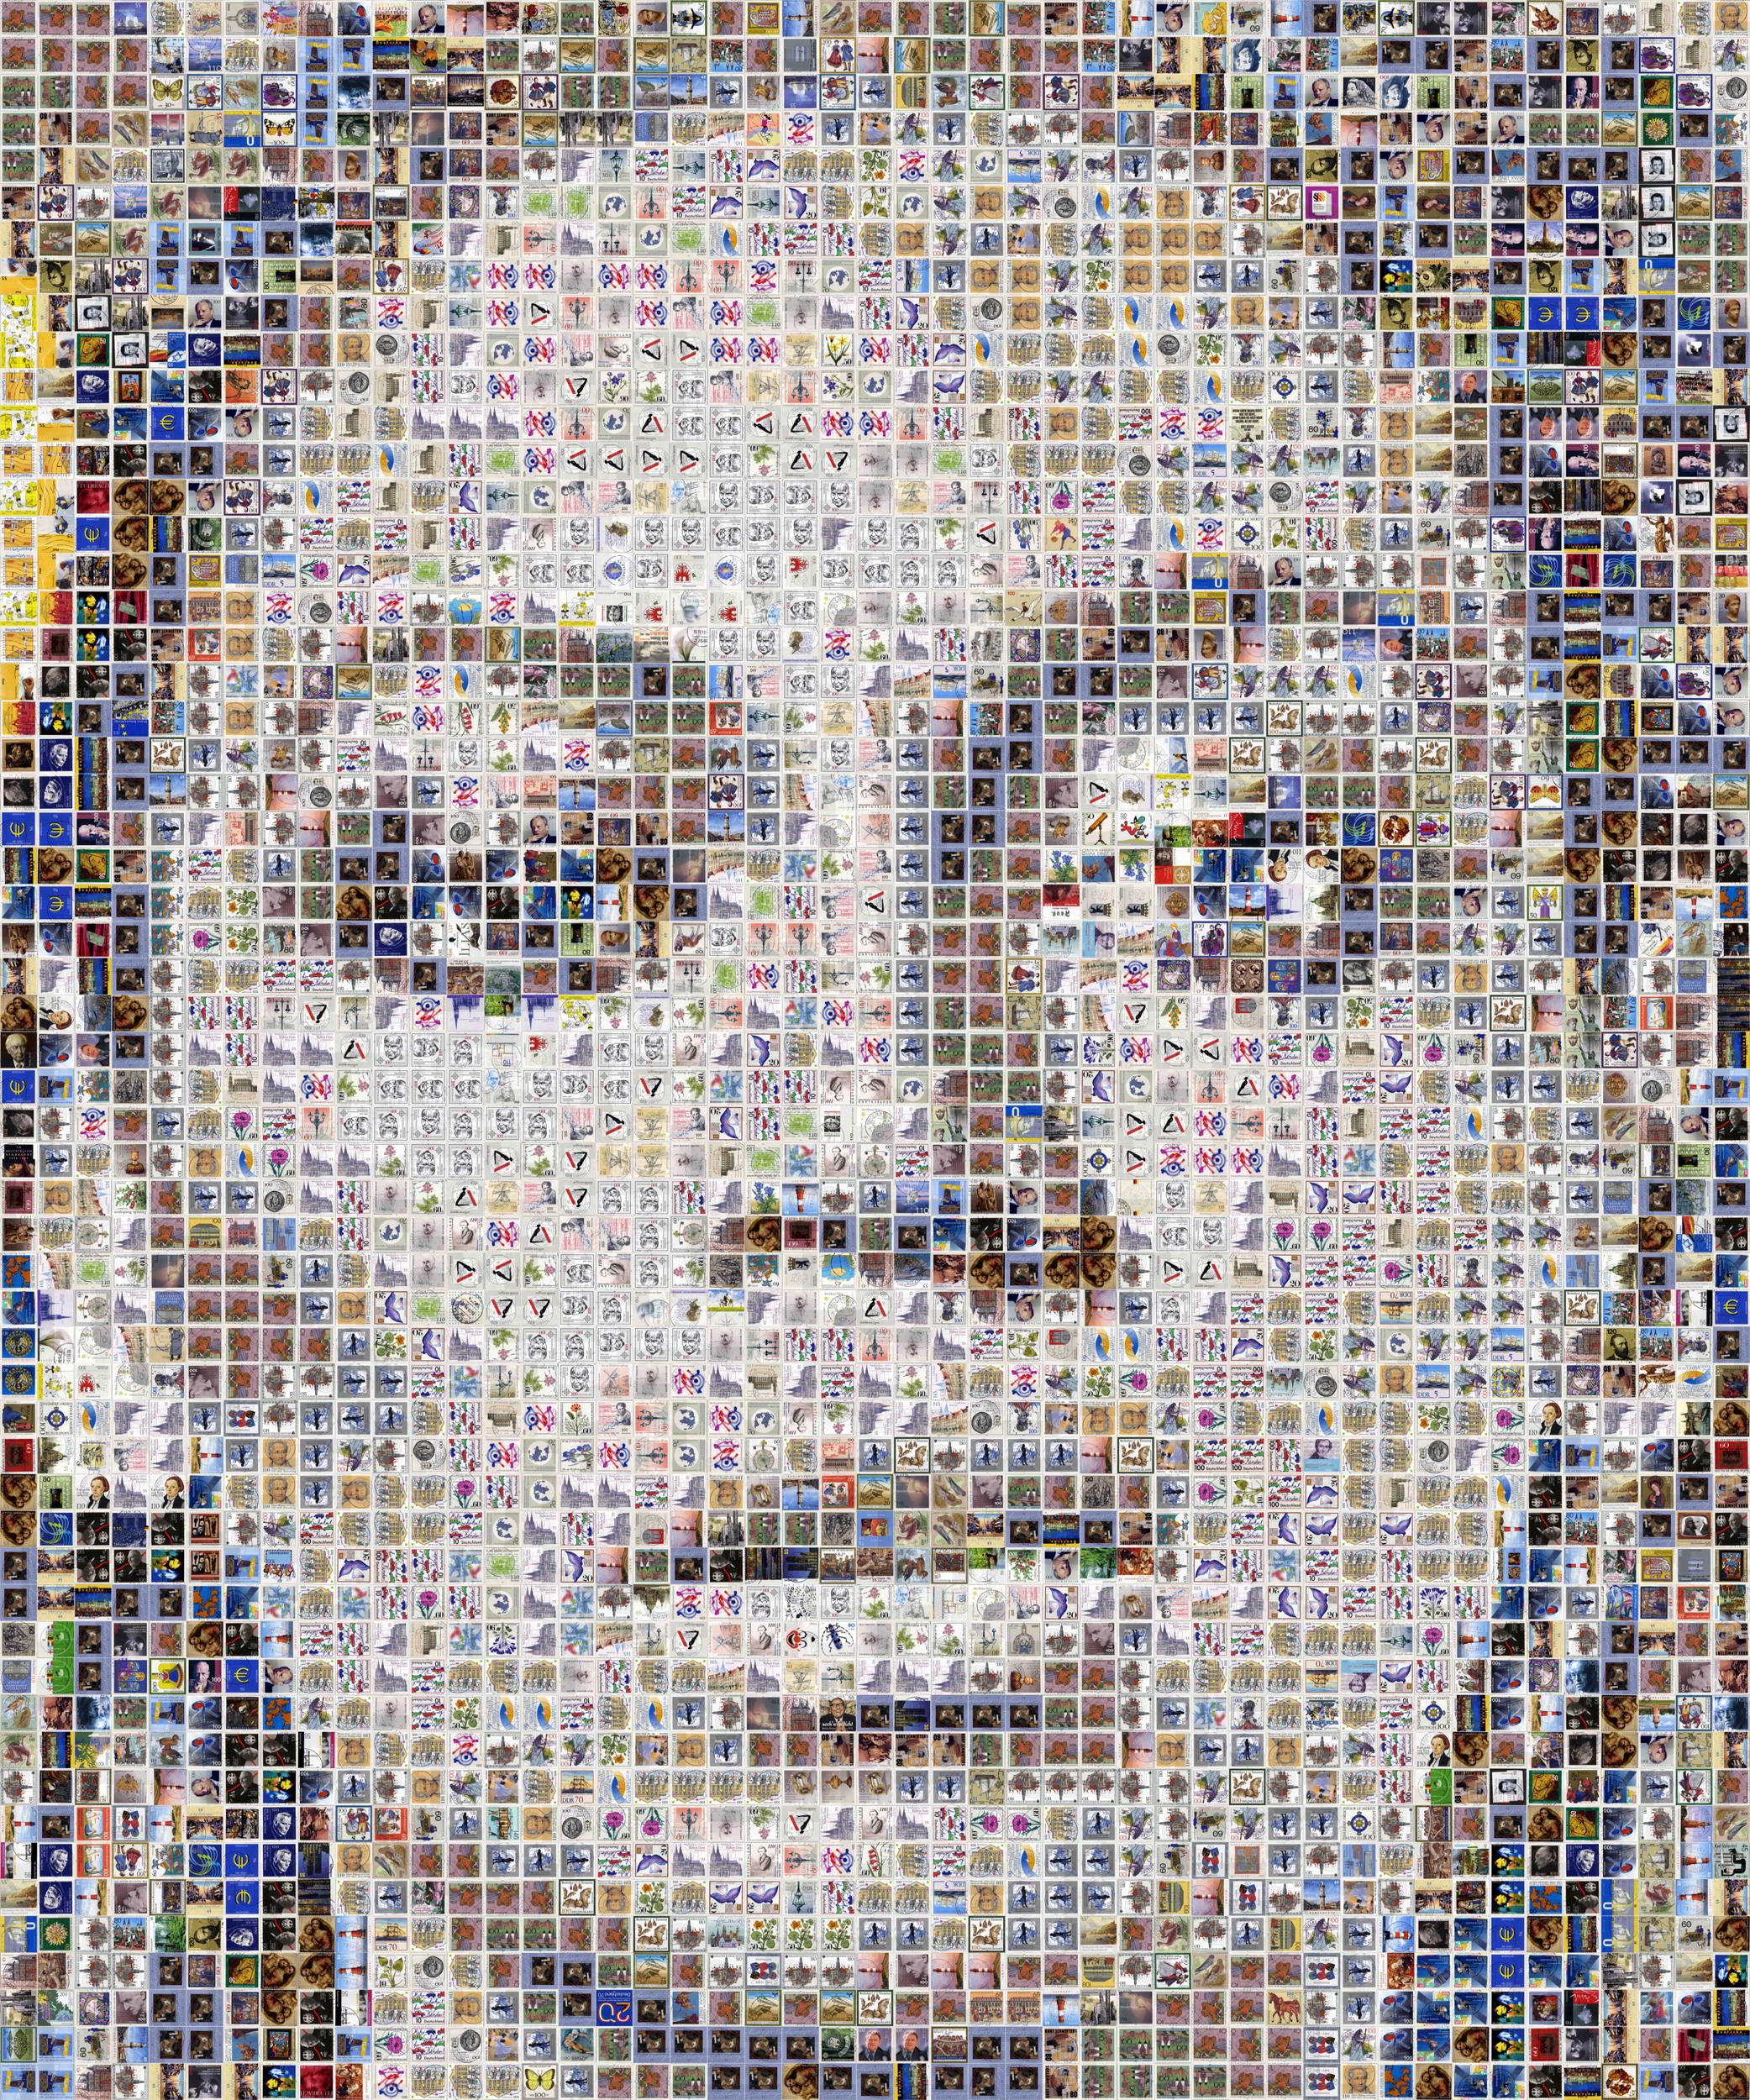 Beyoncé_Daniel-Voelker.jpg